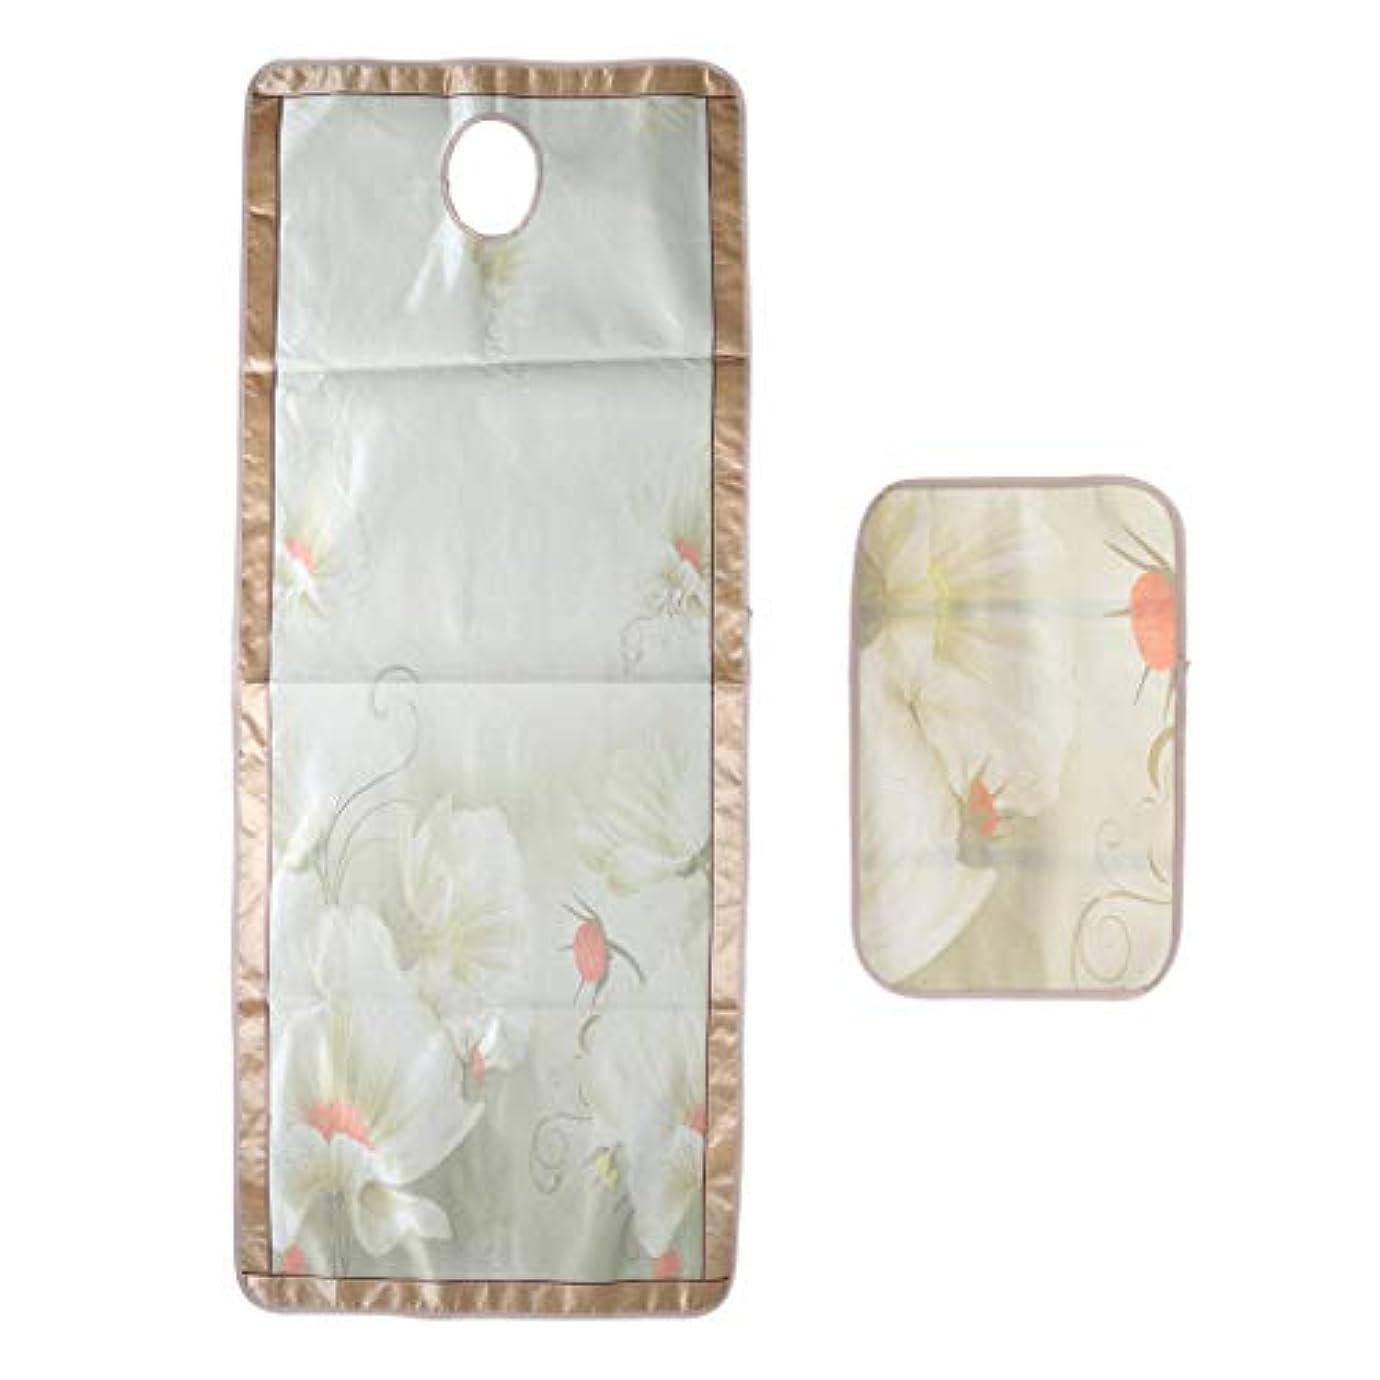 既婚イディオム無臭マッサージベッド エステベッドカバー 枕カバー付き ひんやり 敷きパッド 70×190センチ - フローラル6